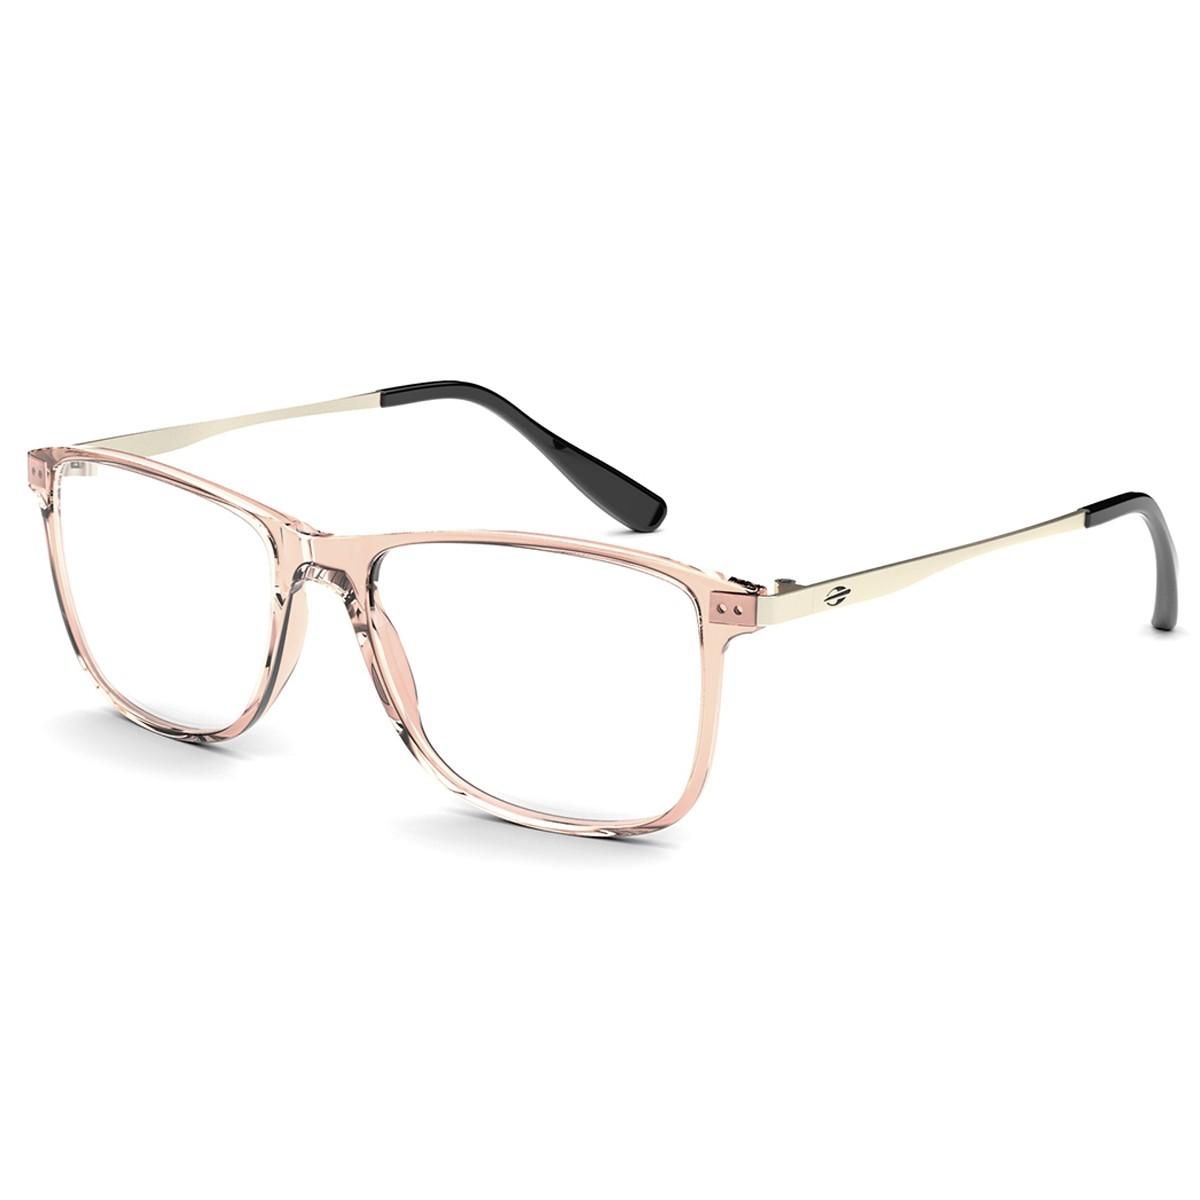 Óculos de Grau Mormaii Salem 2 Feminino M6084B3855 Tam.55